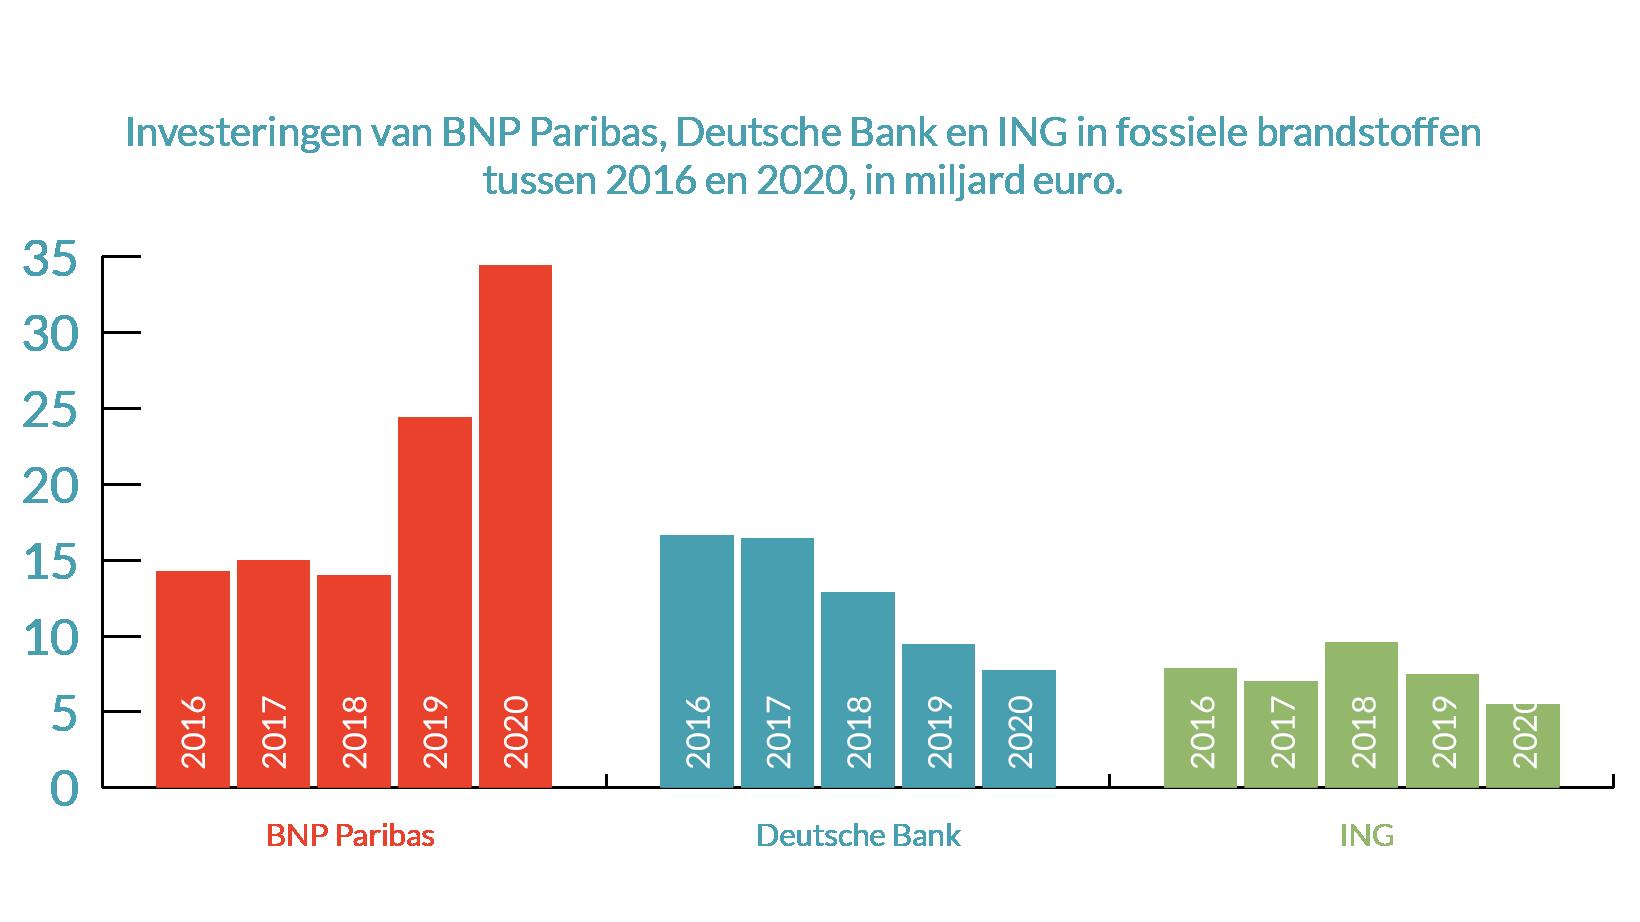 investeringen banking on climate change België